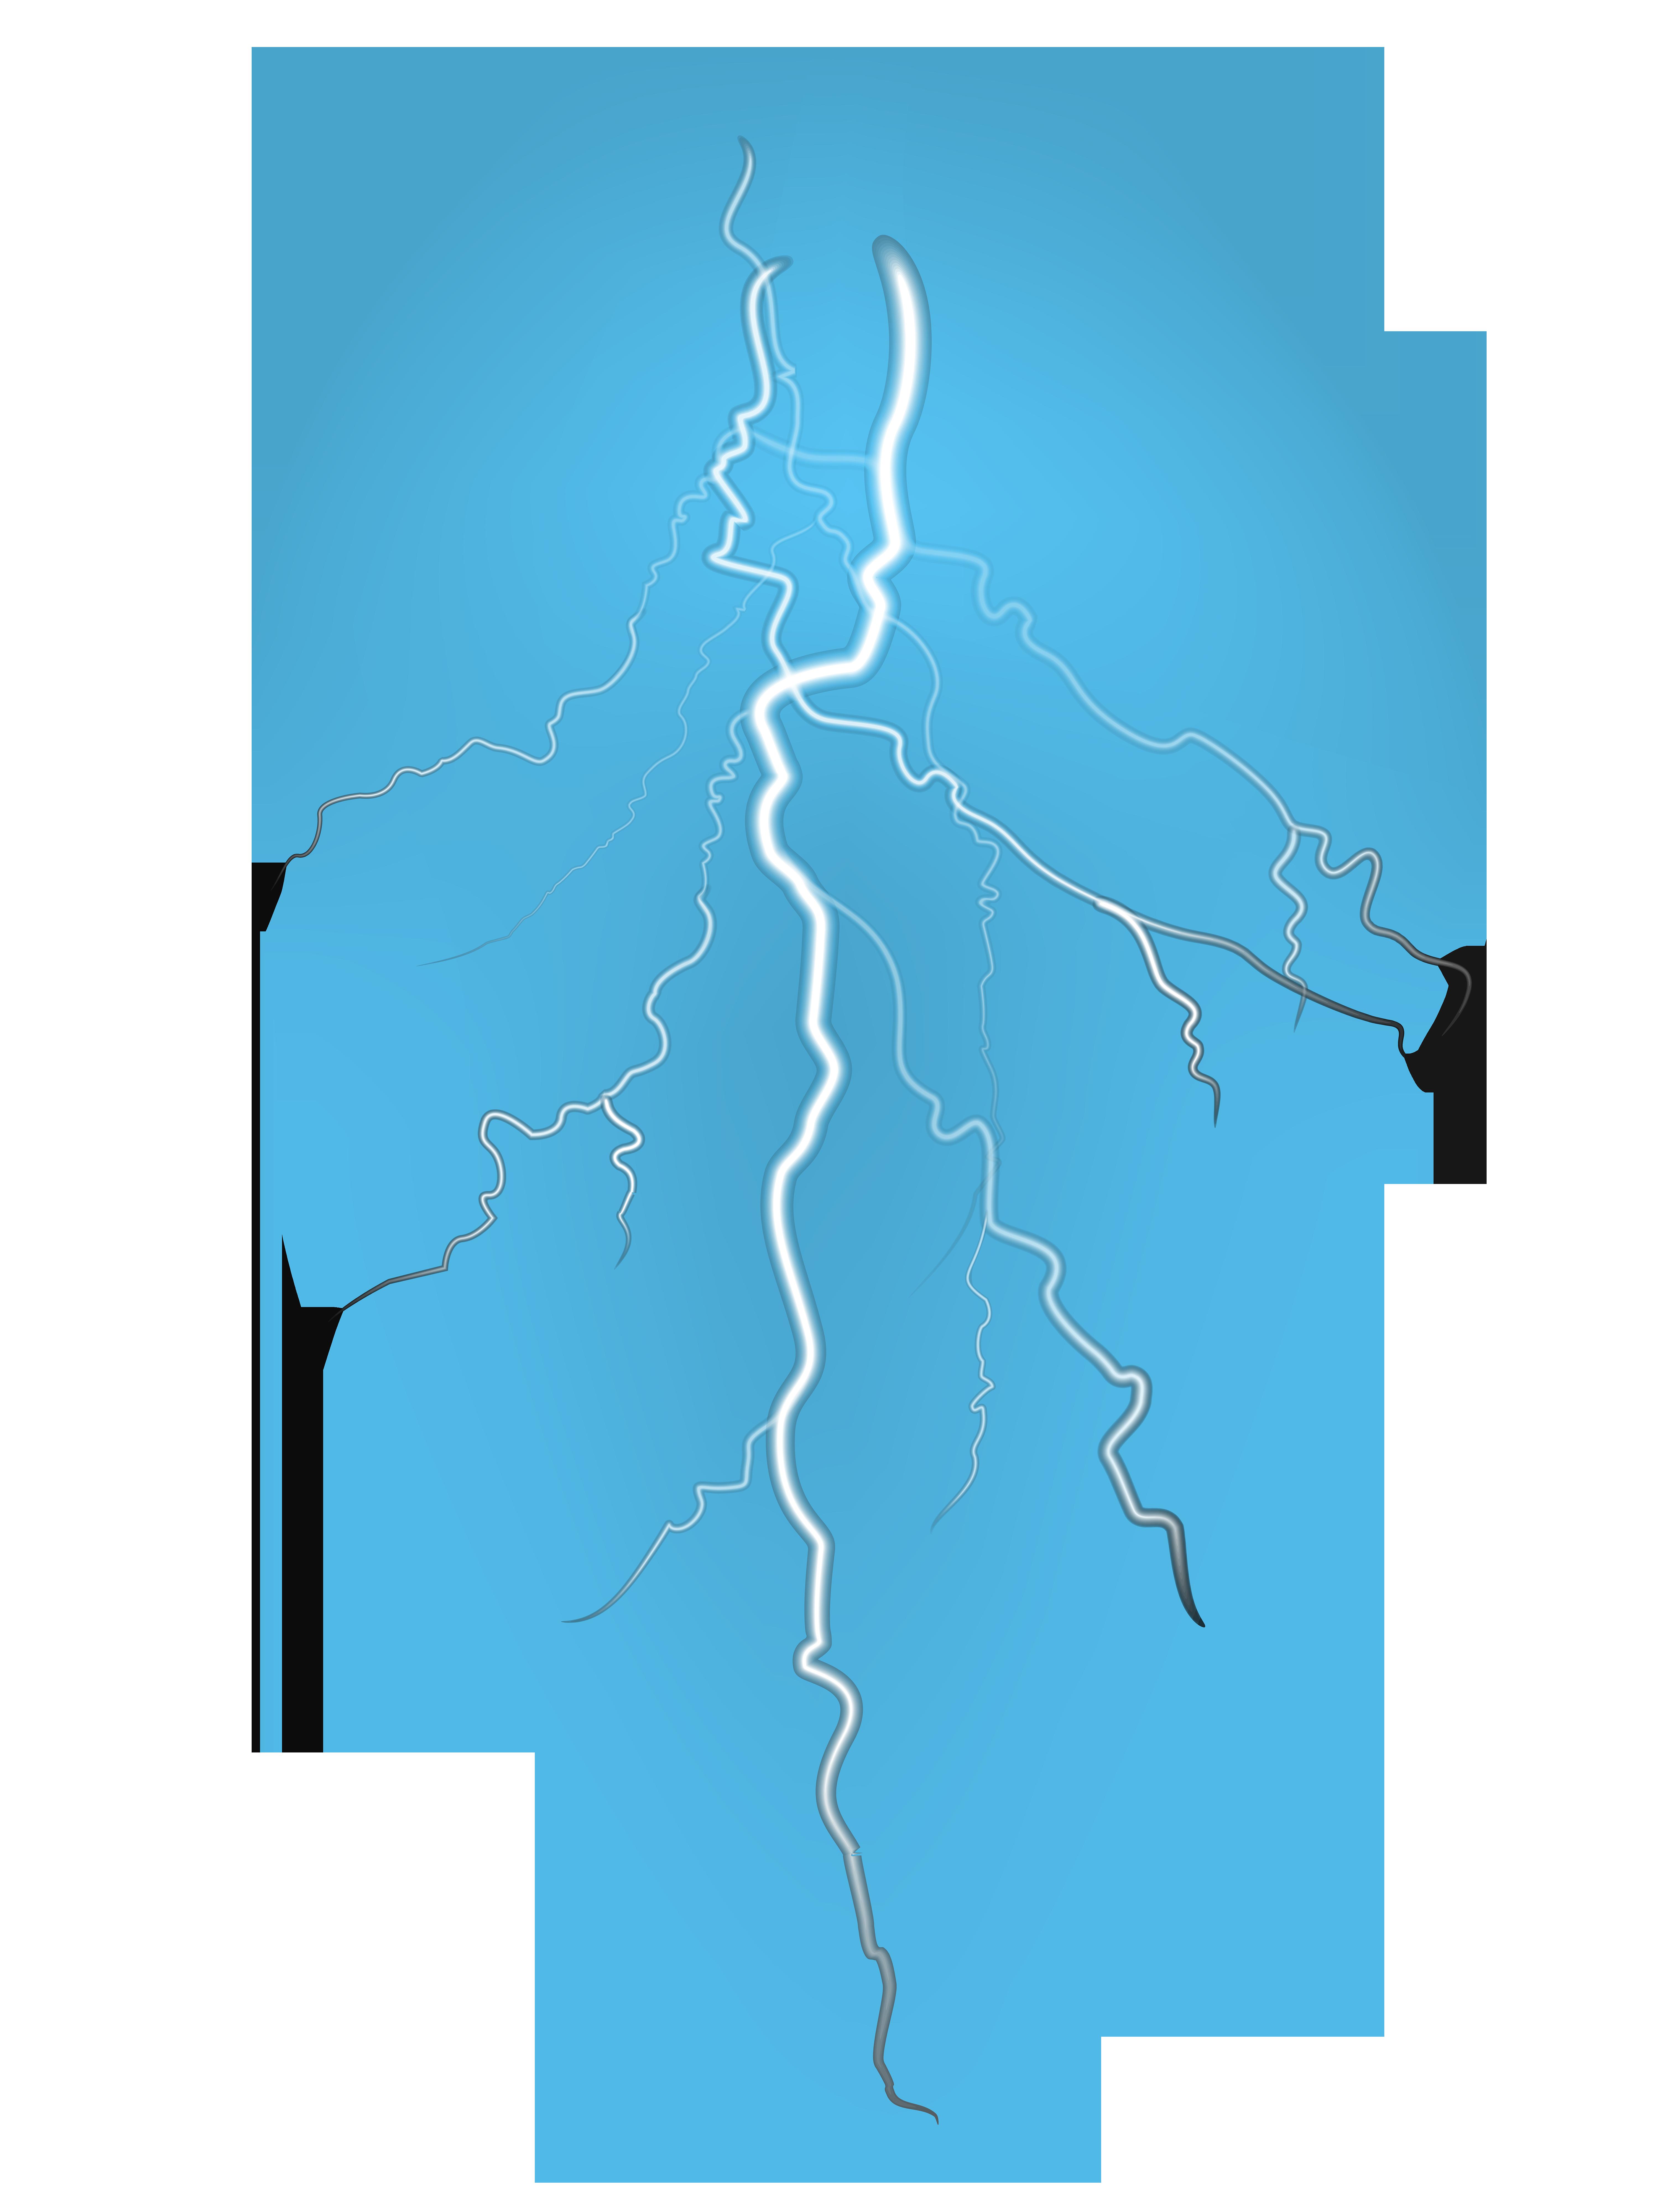 Lightning clipart transparent background. Png clip art image